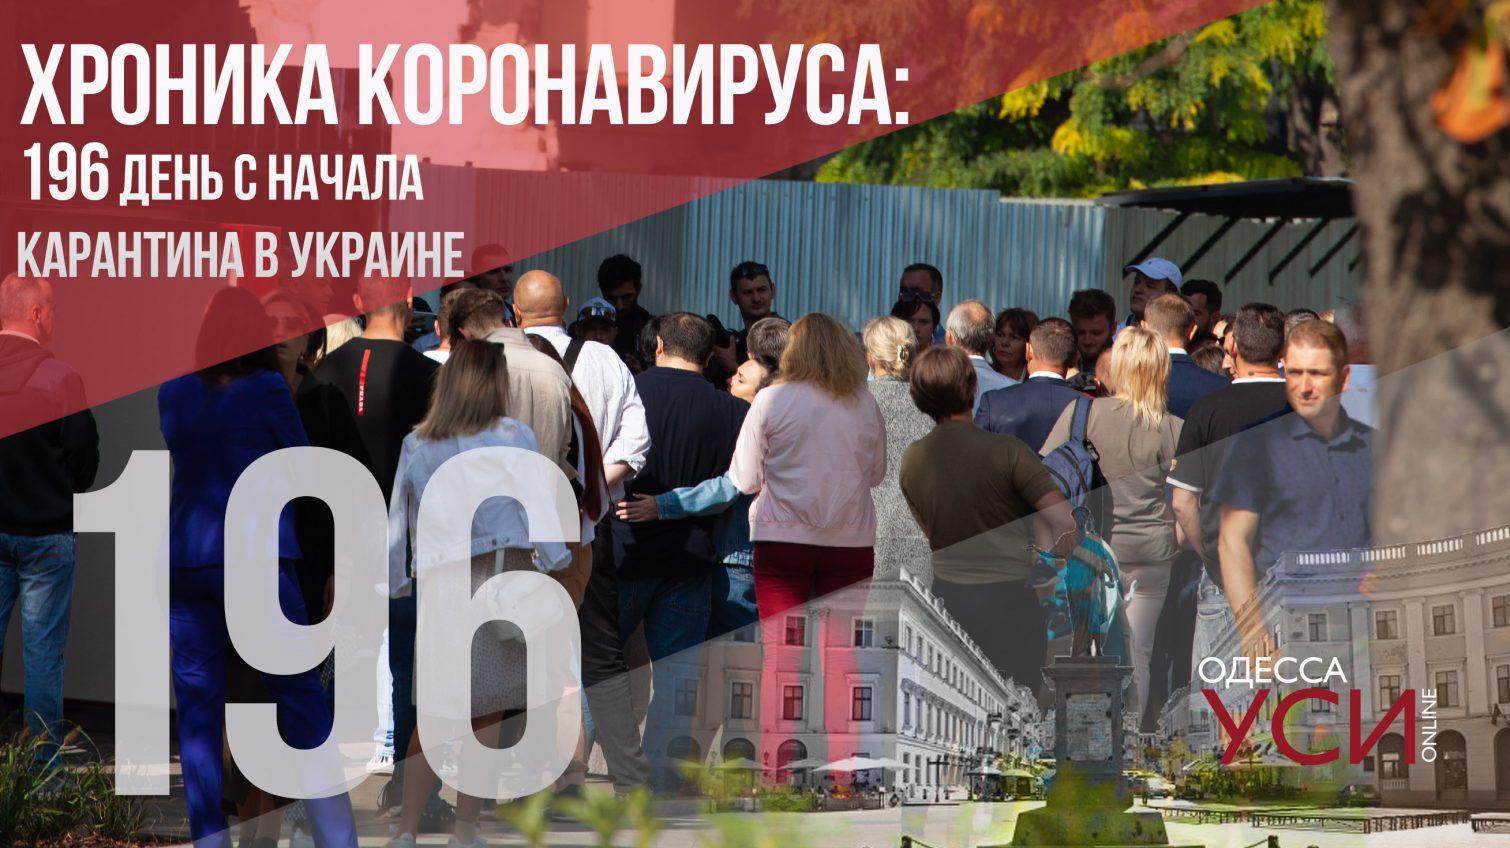 Хроника коронавируса: 196 дней с начала карантина в Украине, в Одесской области – 7 летальных случаев «фото»